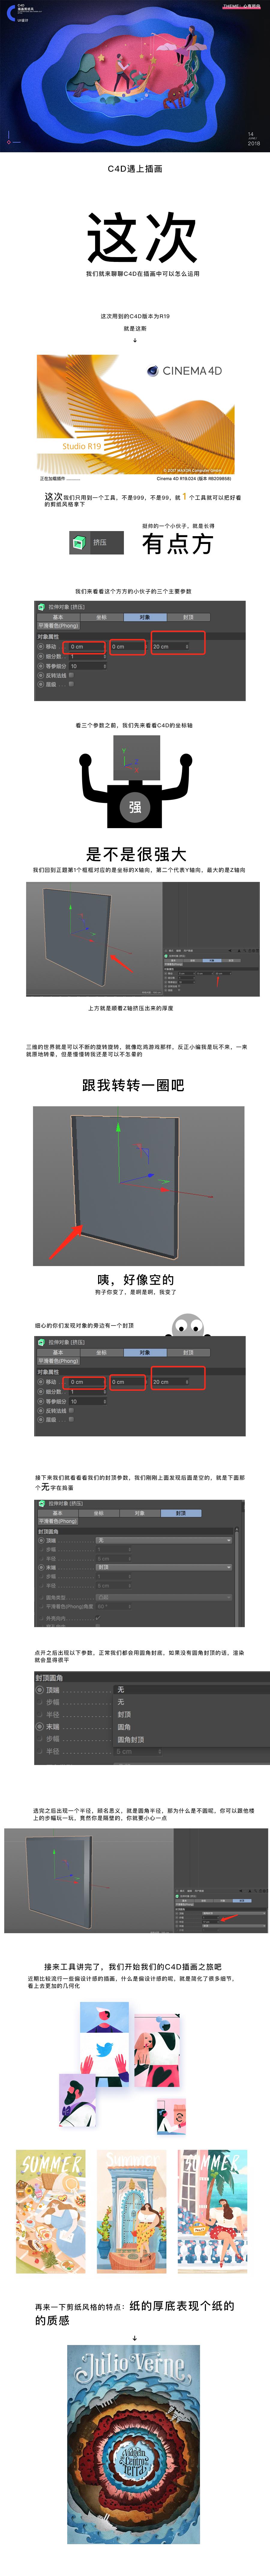 C4D绘制3D主题风格的插画作品,PS教程,思缘教程网